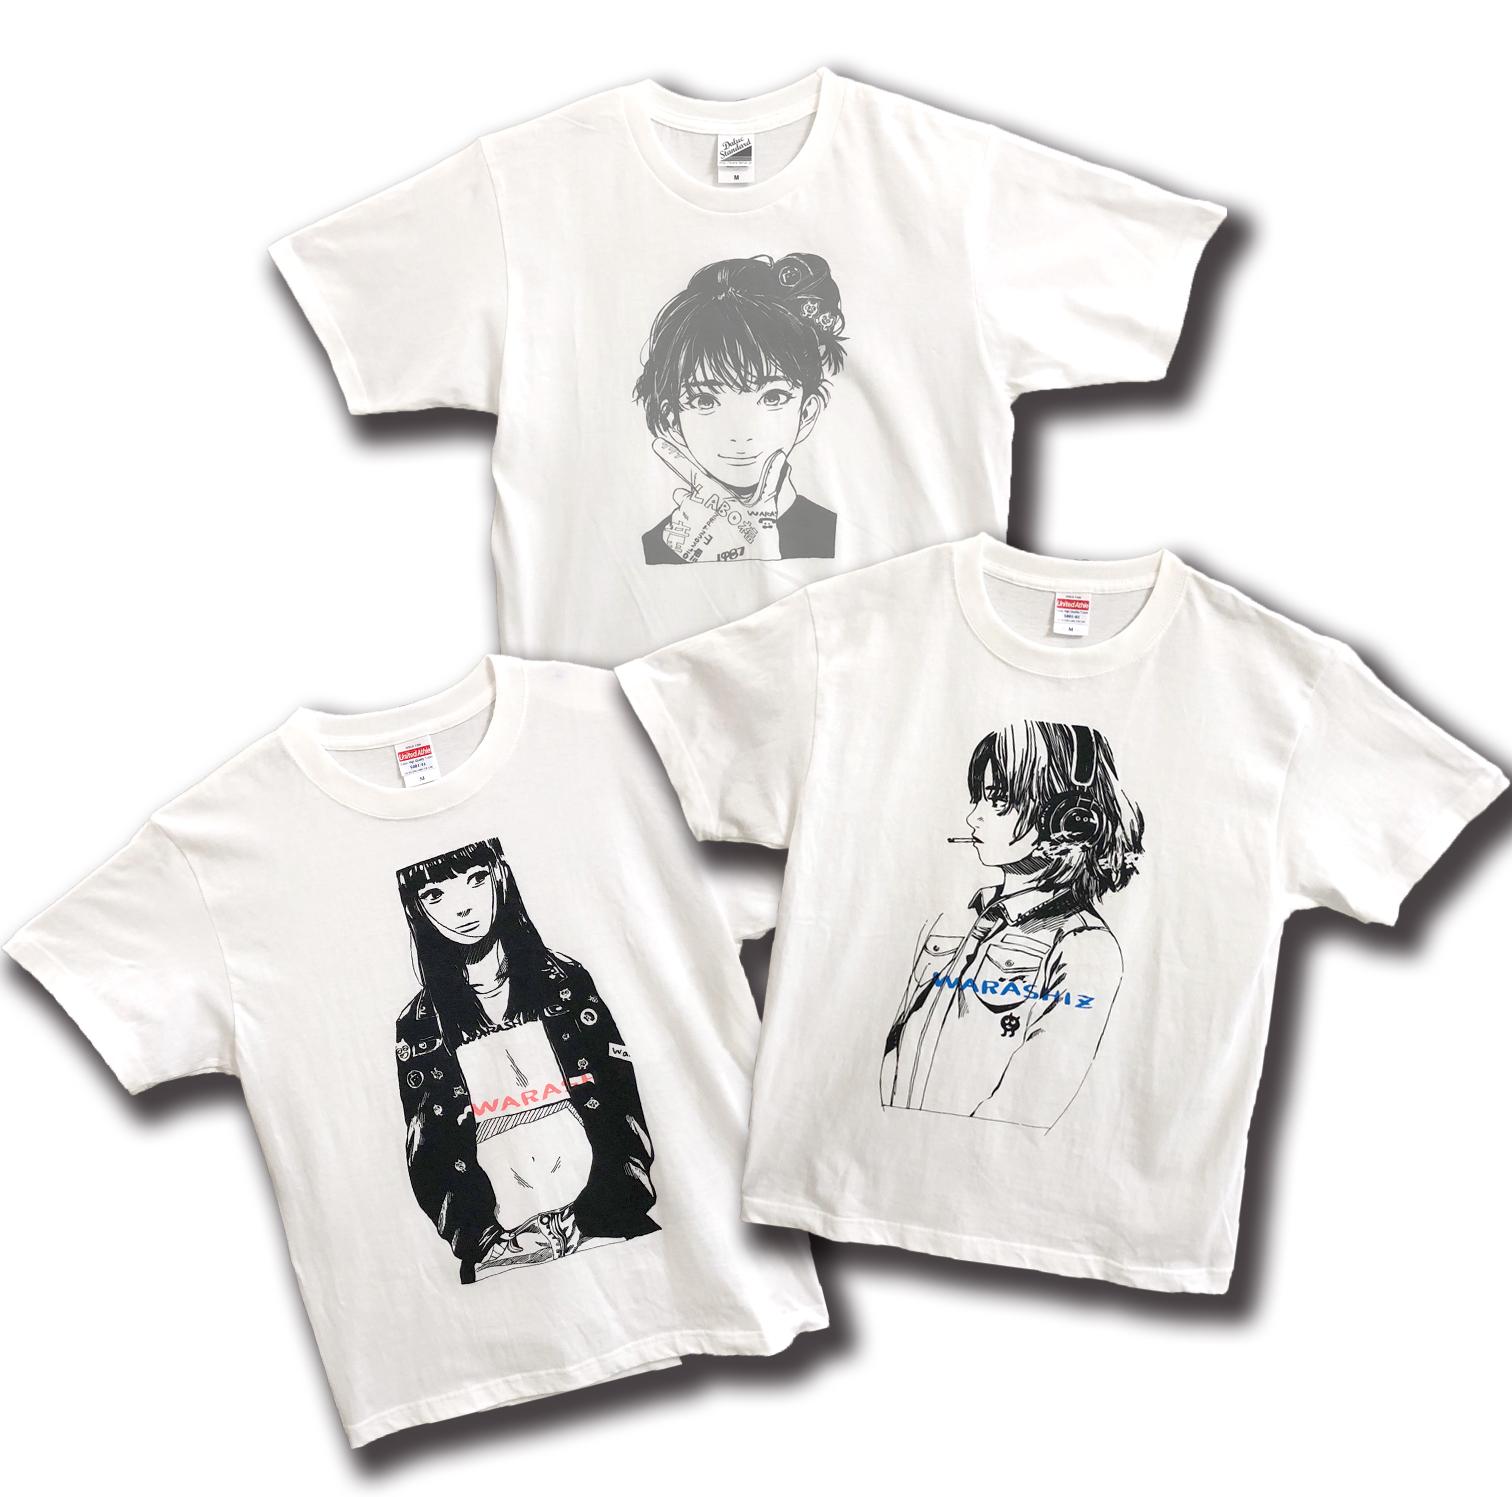 ざしきわらしさんTシャツ数量限定販売!18.12.19